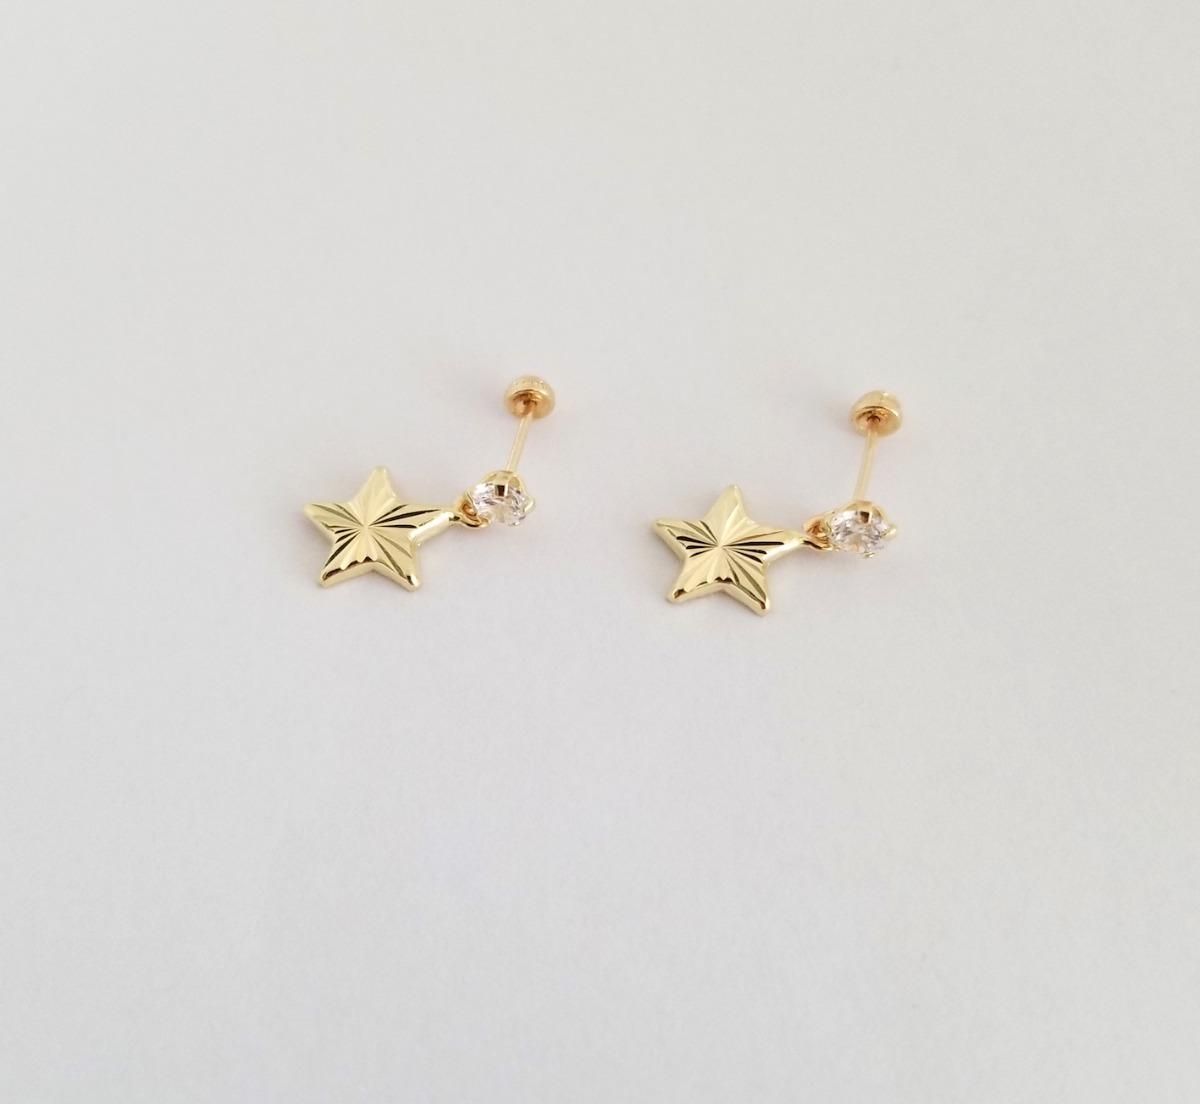 9049d13d9f46 aretes broquel estrella colgante para mujer oro sólido 10k. Cargando zoom.